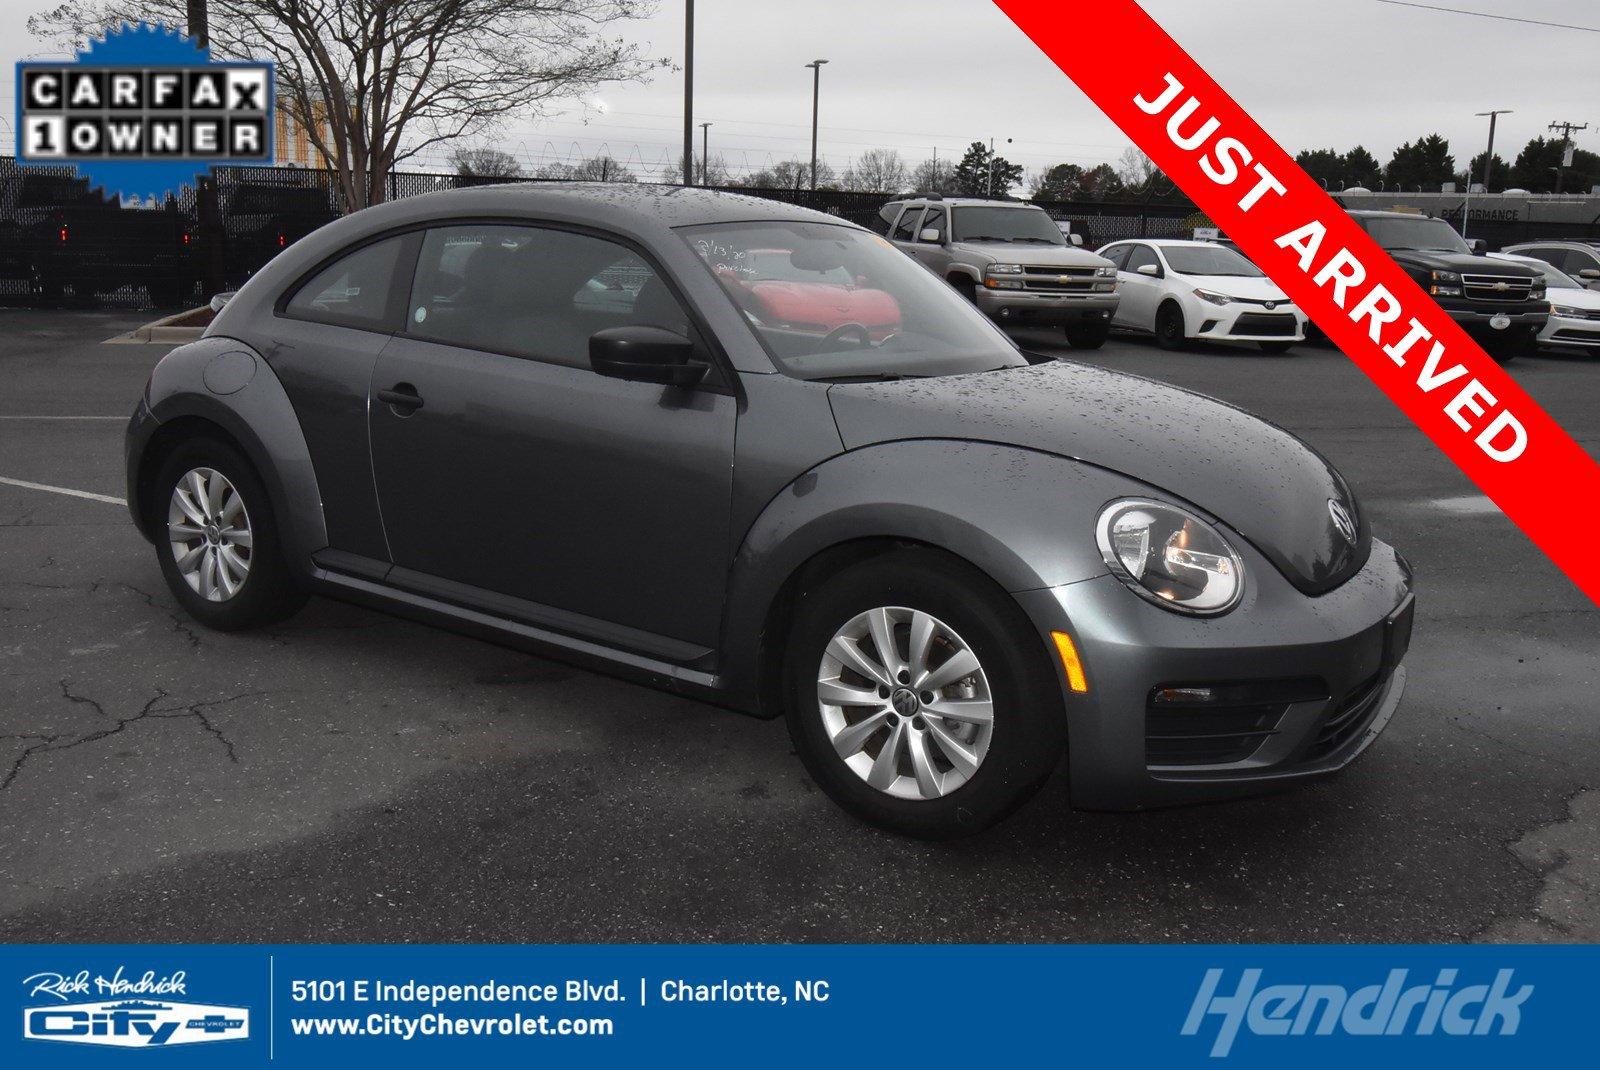 2018 Volkswagen Beetle S image